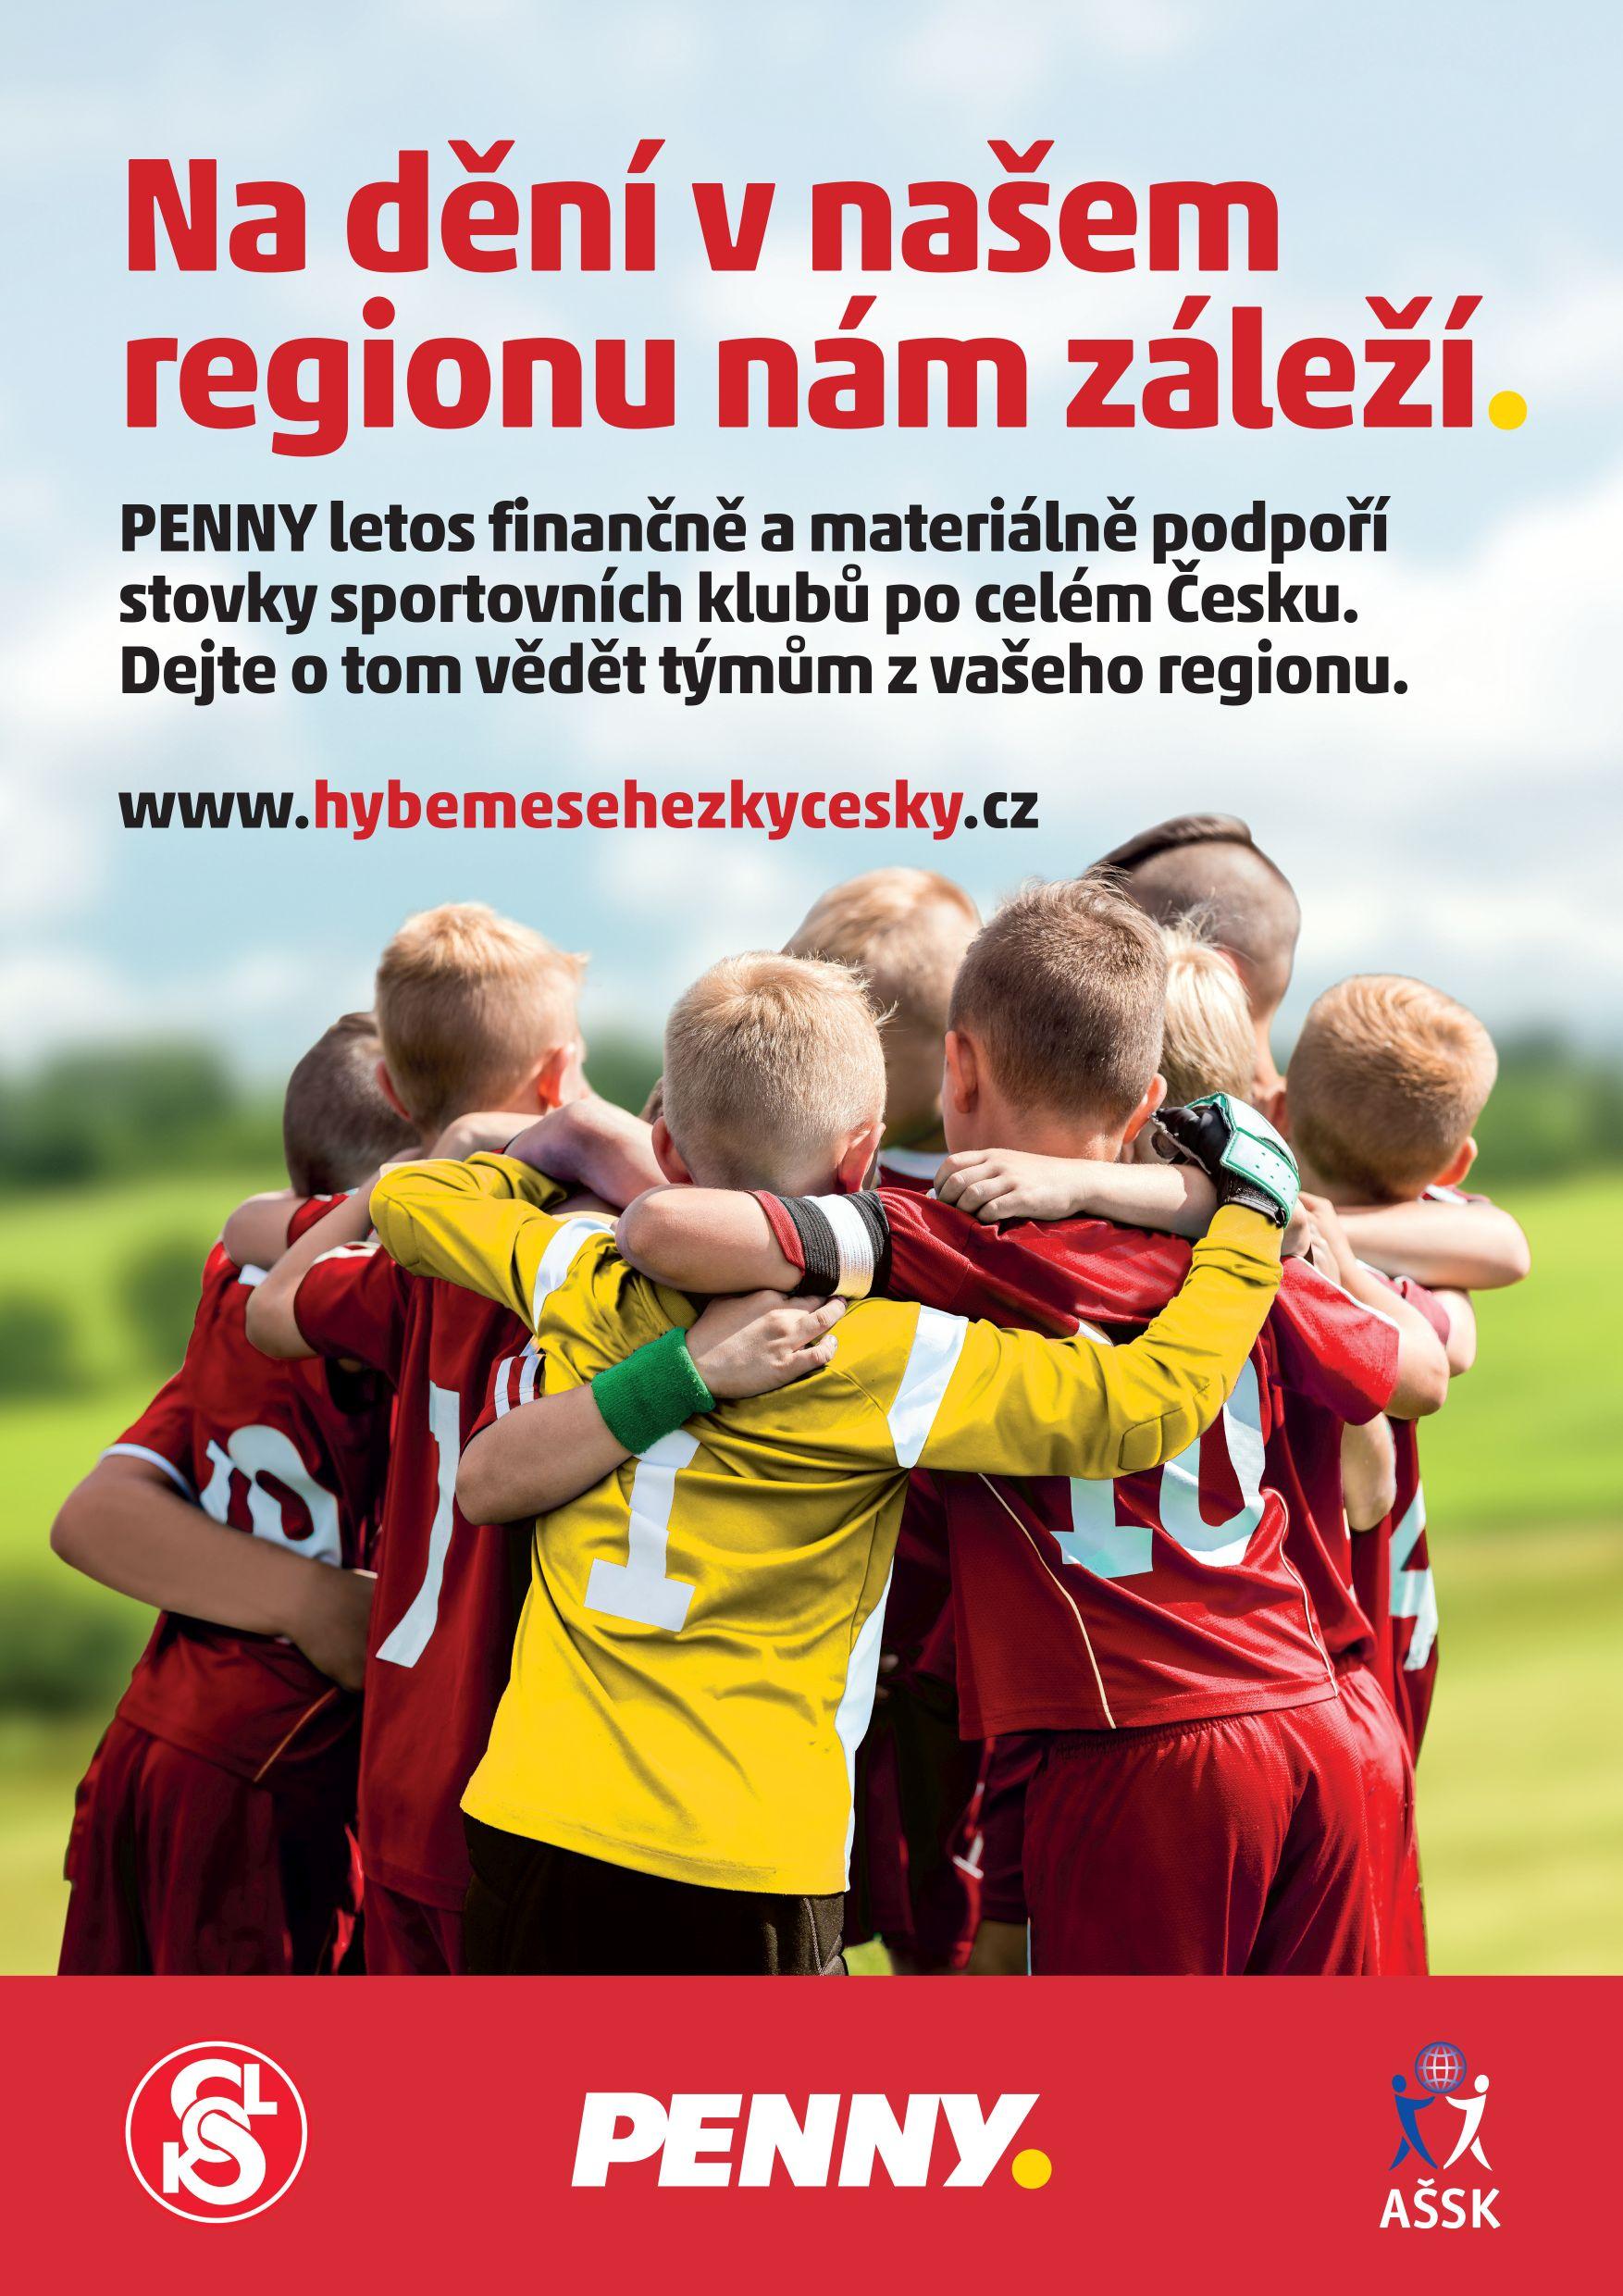 Hýbeme se hezky česky plakát soutěž